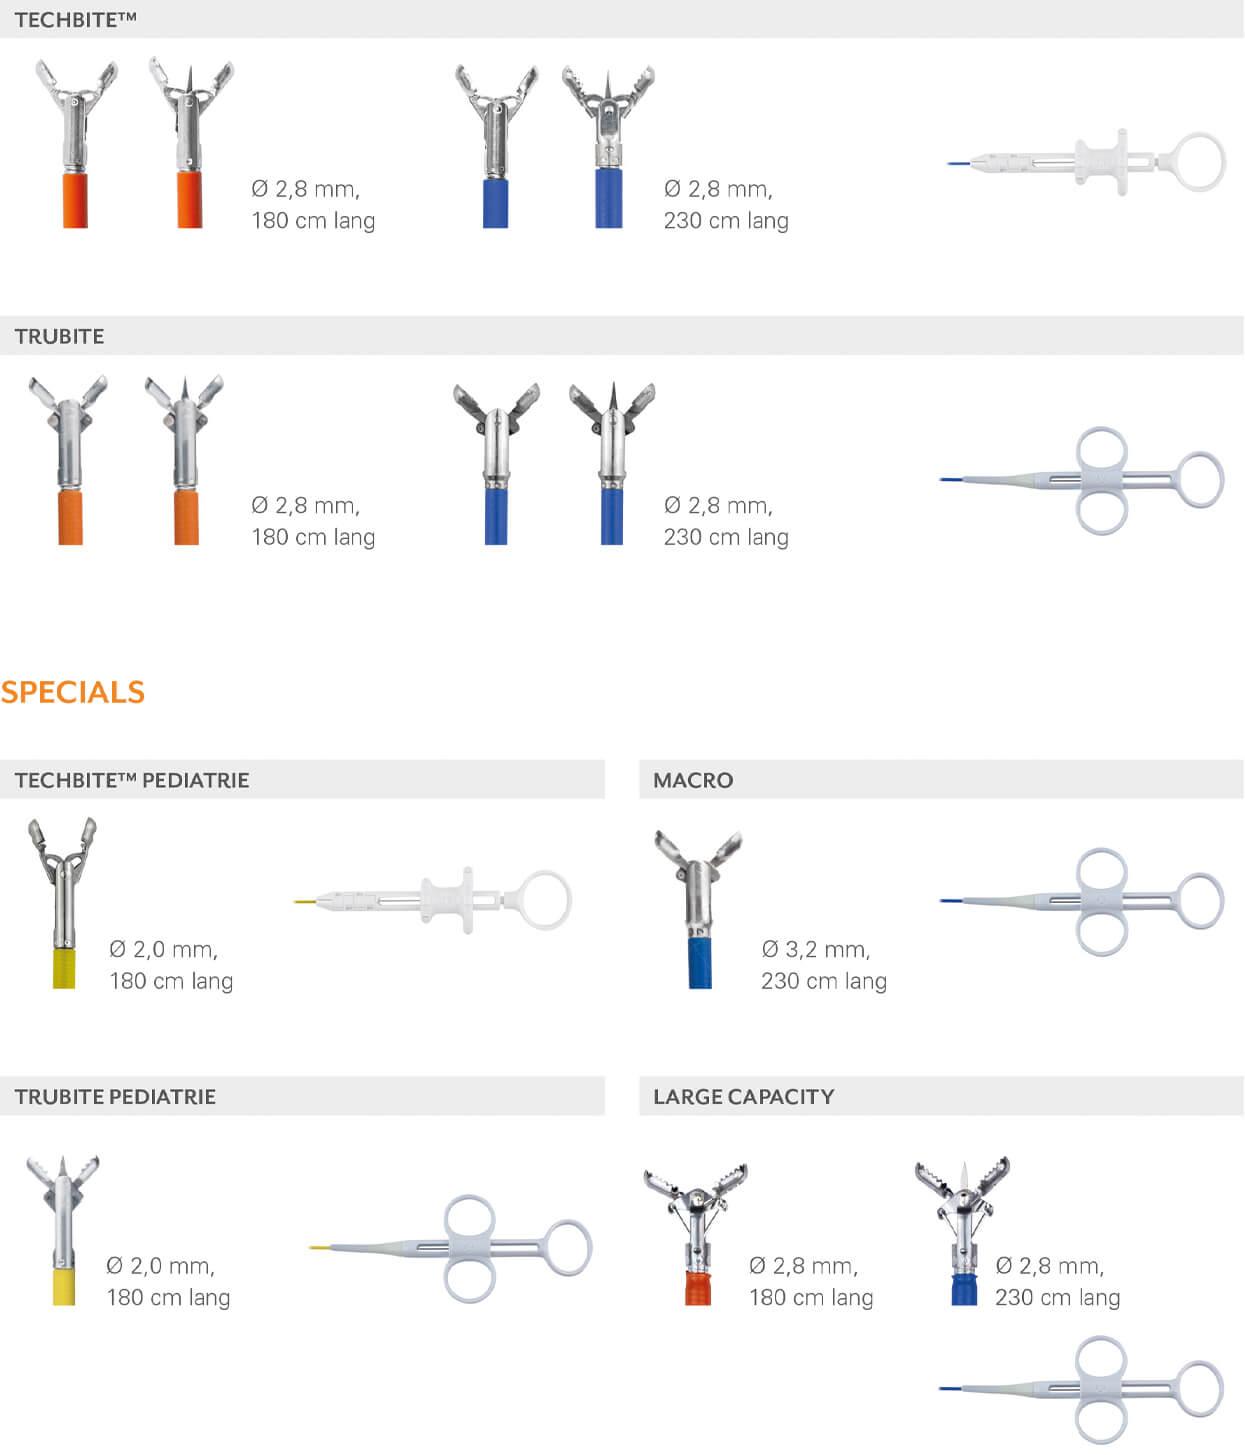 Tangen_Overview_GAS_Biopsie_NL_1245px